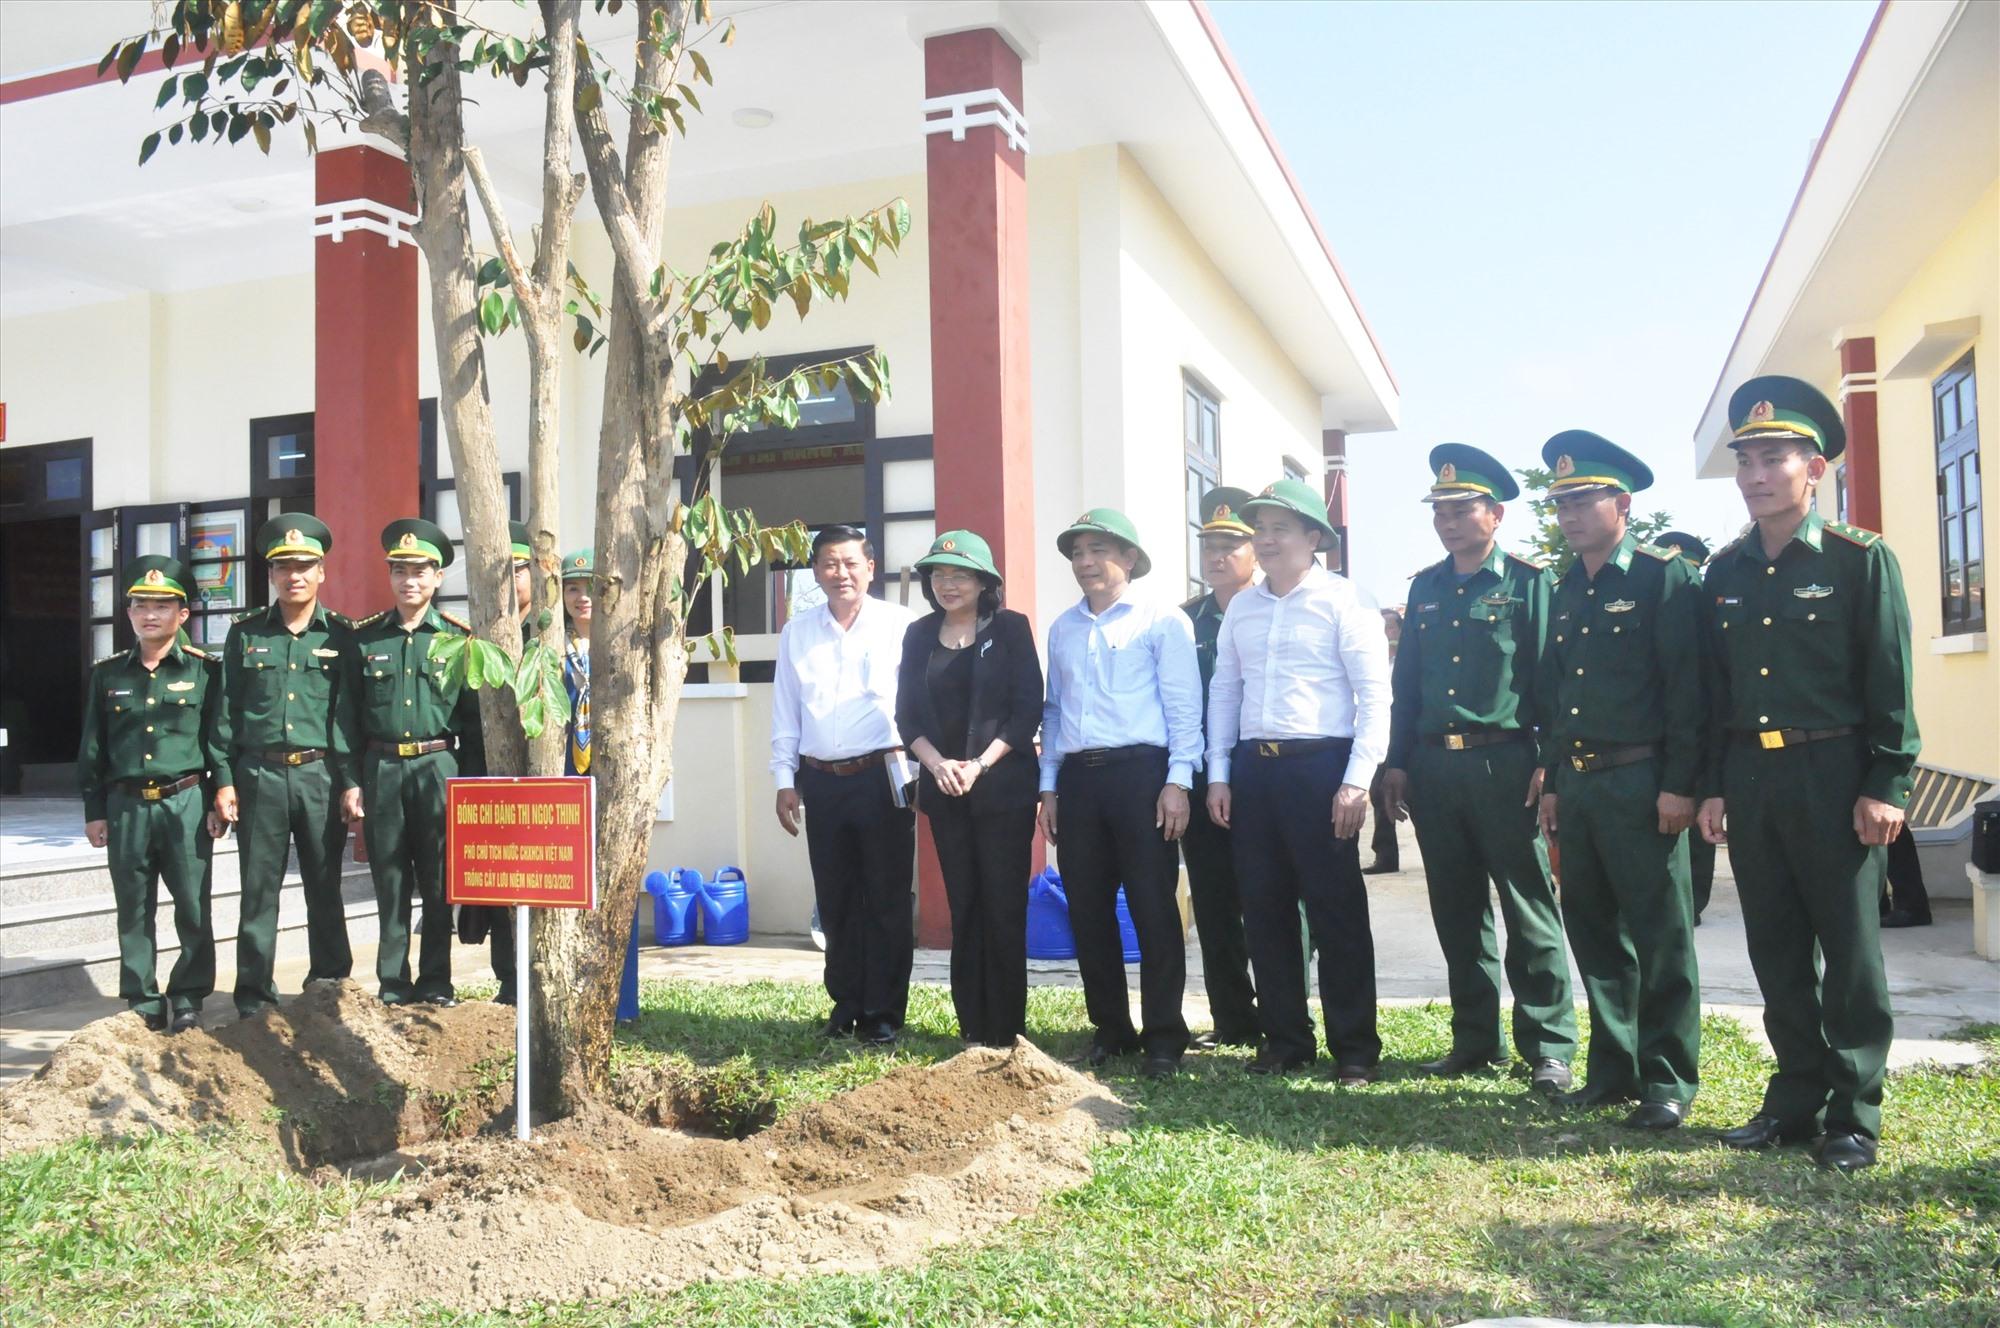 Phó Chủ tịch nước Đặng Thị Ngọc Thịnh cùng các đồng chí lãnh đạo tỉnh trồng cây và chụp hình lưu niệm với cán bộ, chiến sĩ Đồn biên phòng Cửa Đại. Ảnh: N.Đ